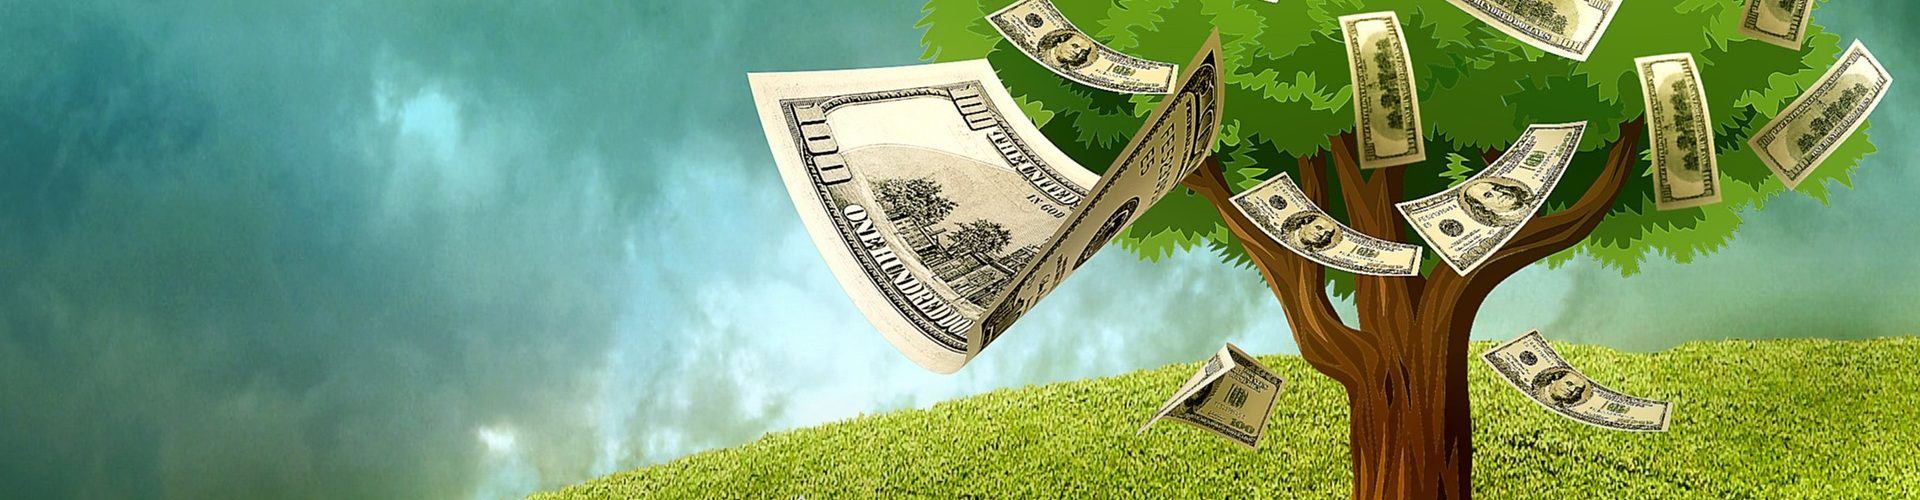 Penger som vokser på trær